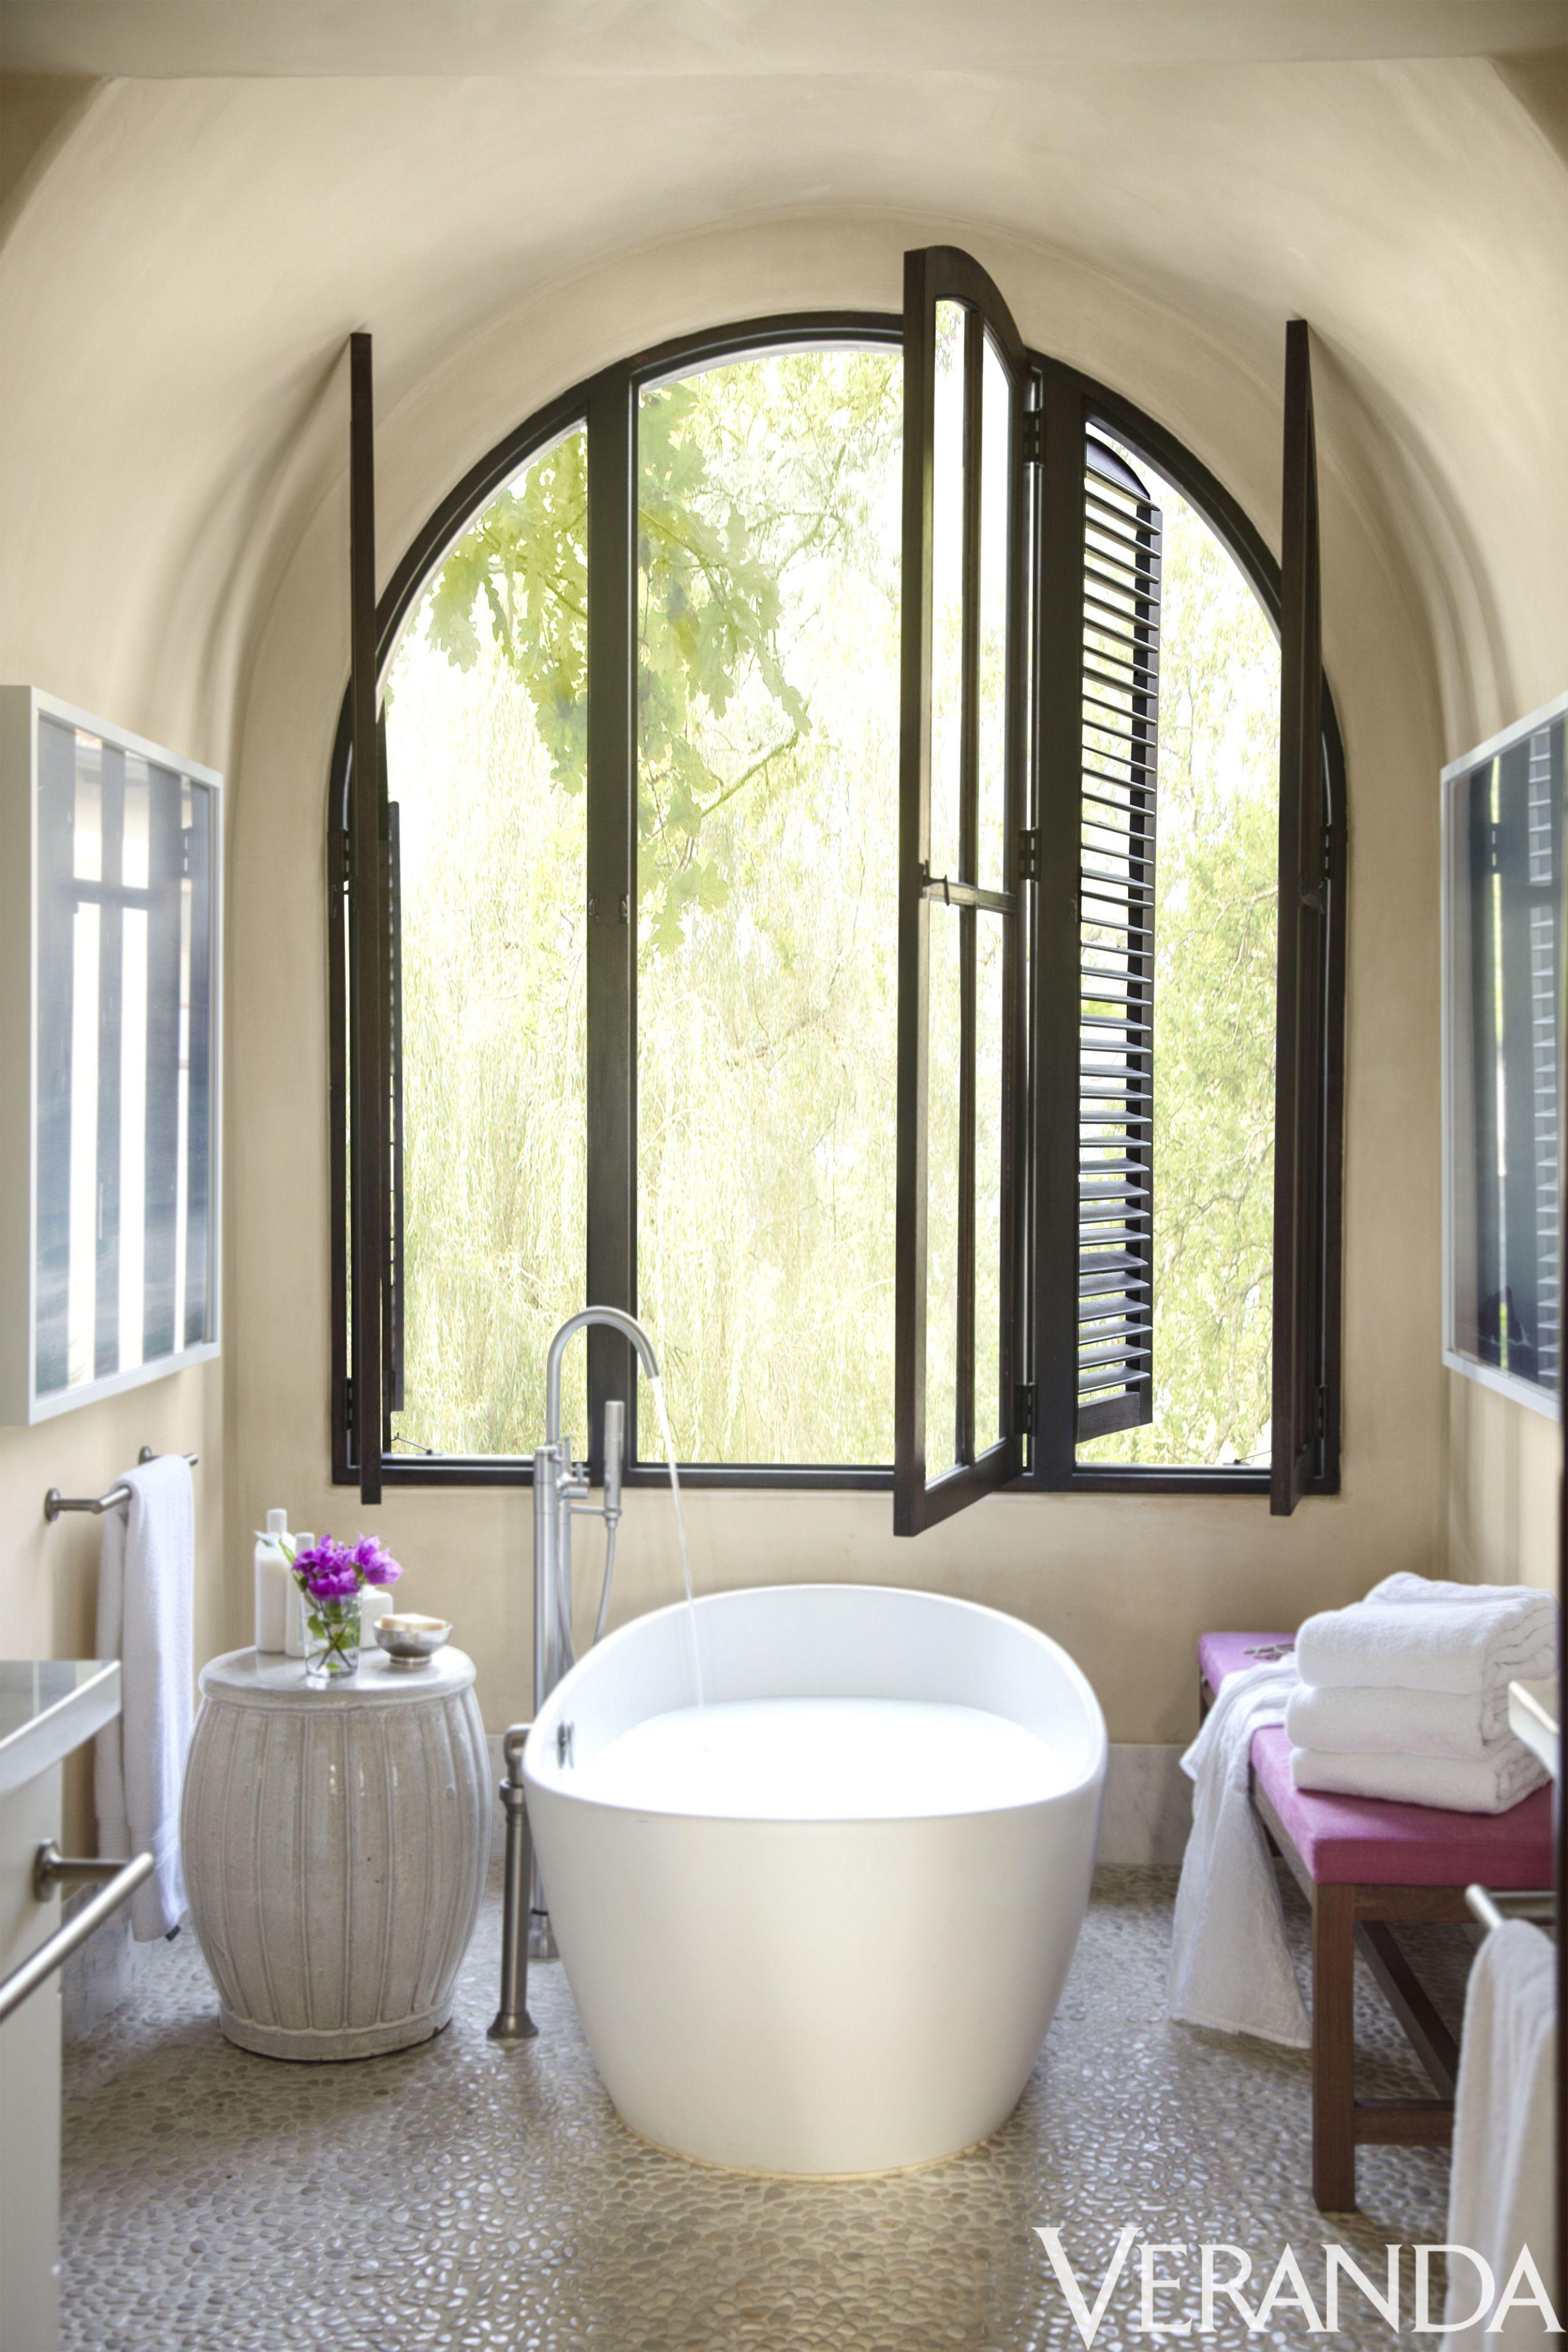 Floor Half Bathroom Tile Country Picturesque   www.picturesboss.com